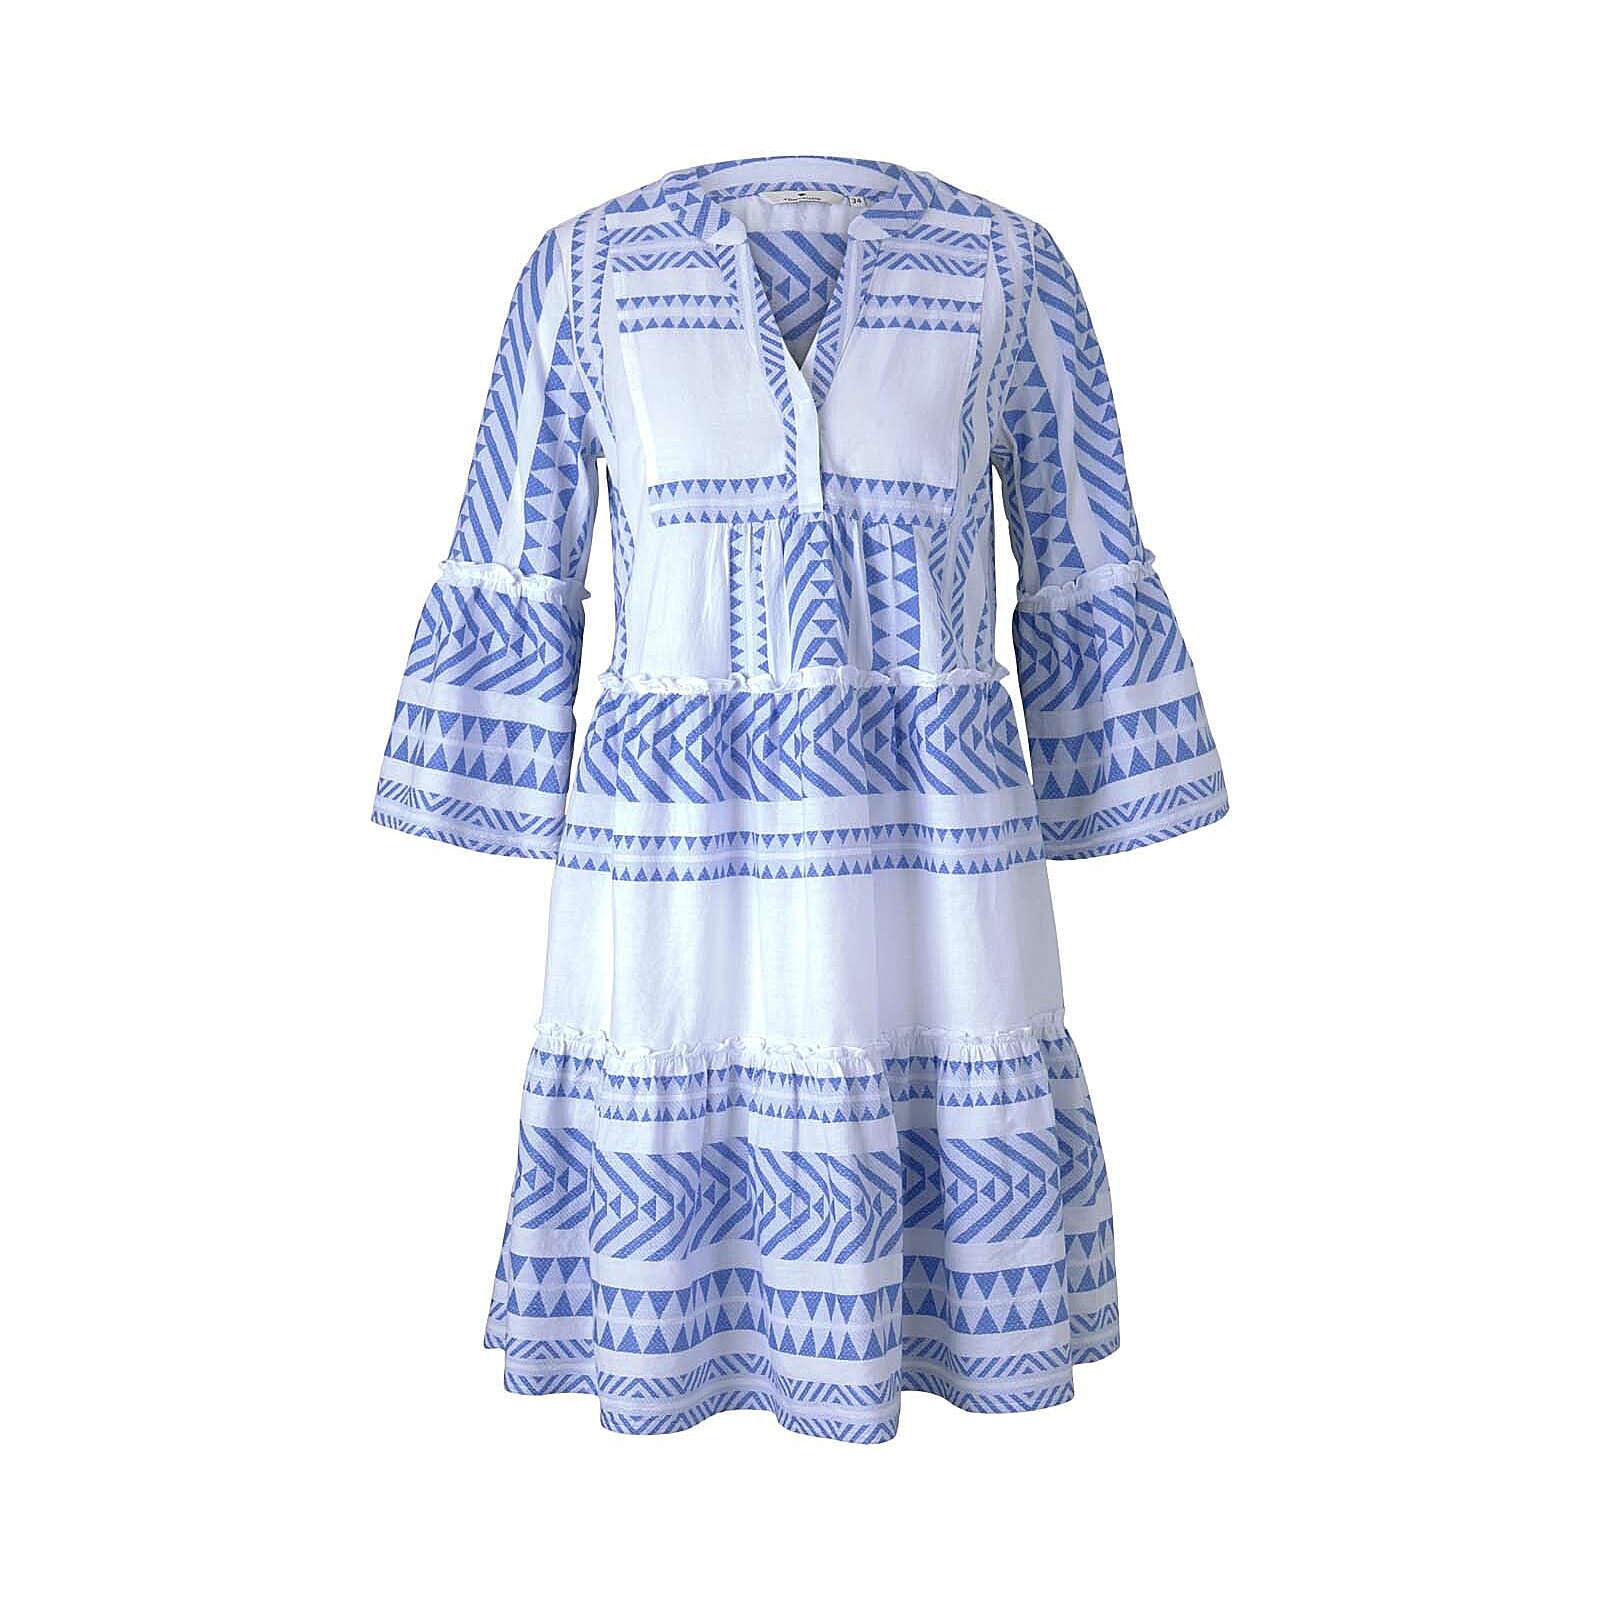 TOM TAILOR Kleider & Jumpsuits Gemustertes Boho-Kleid mit Volants Jerseykleider weiß-kombi Damen Gr. 40